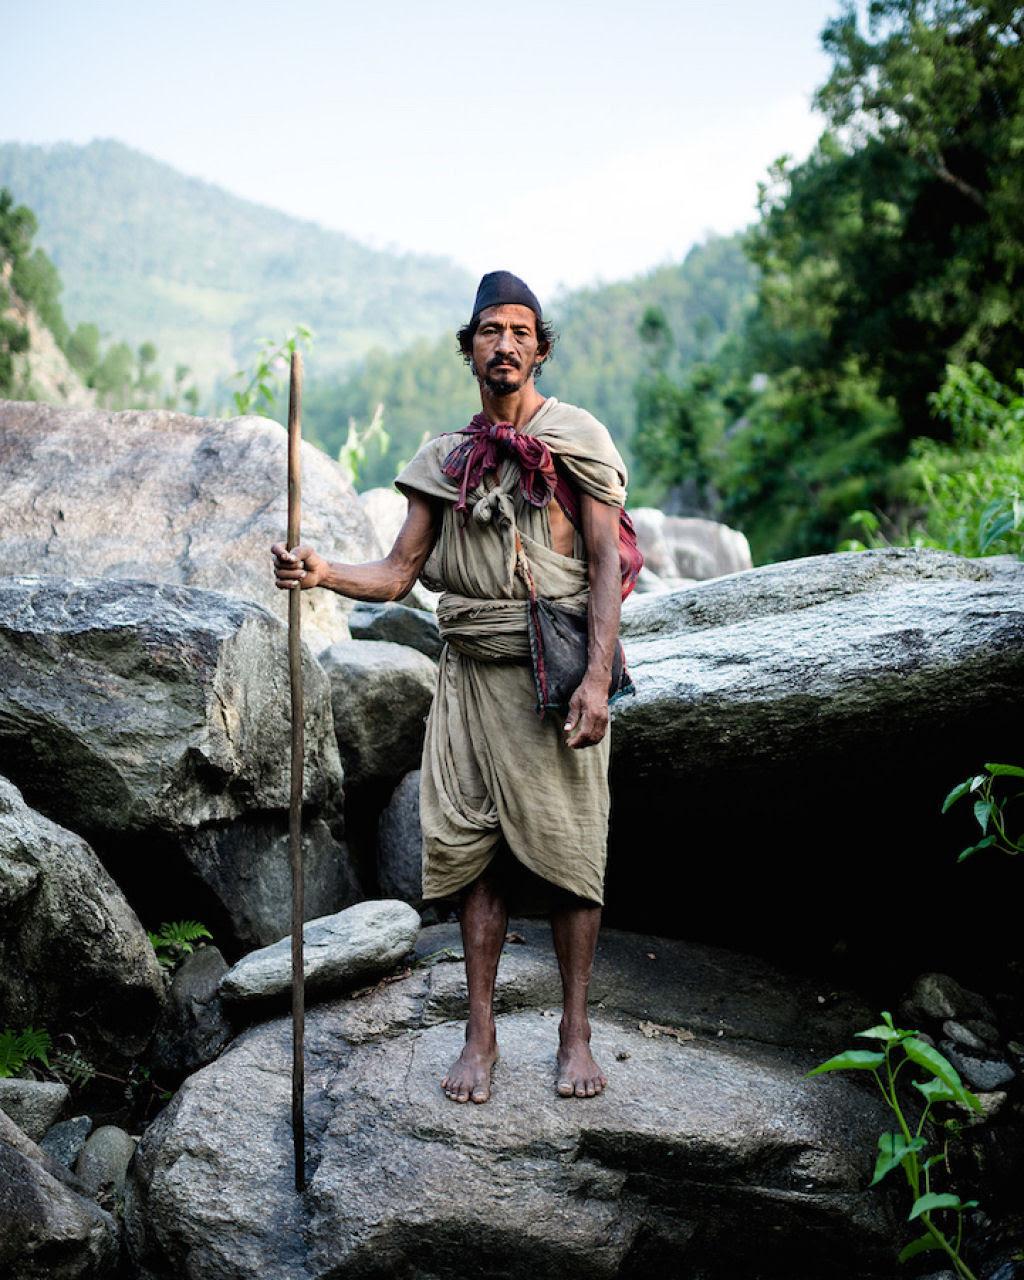 Fotógrafo documenta os últimos caçadores-coletores de tribo do Himalaia 01